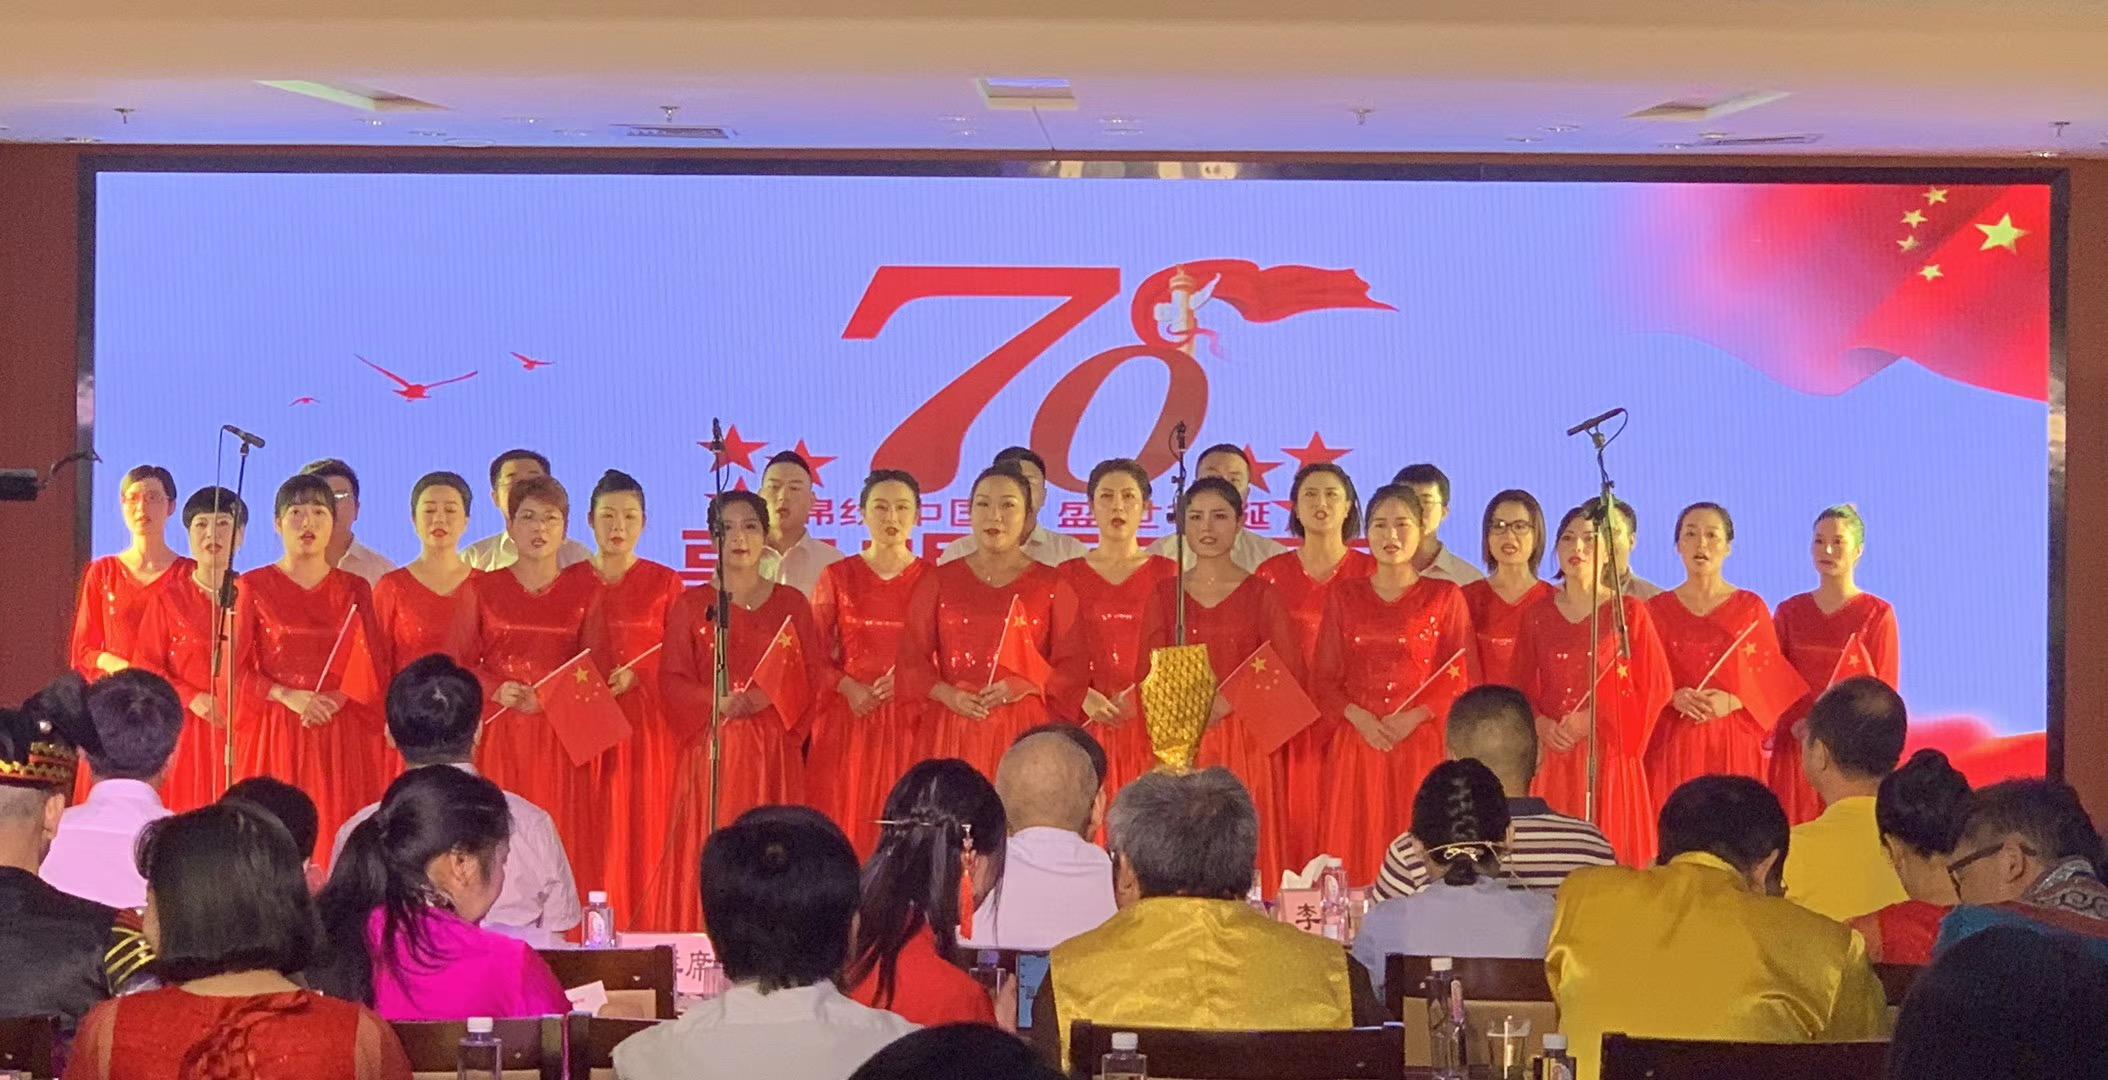 华龙消息丨迎国庆,颂歌献给祖国!